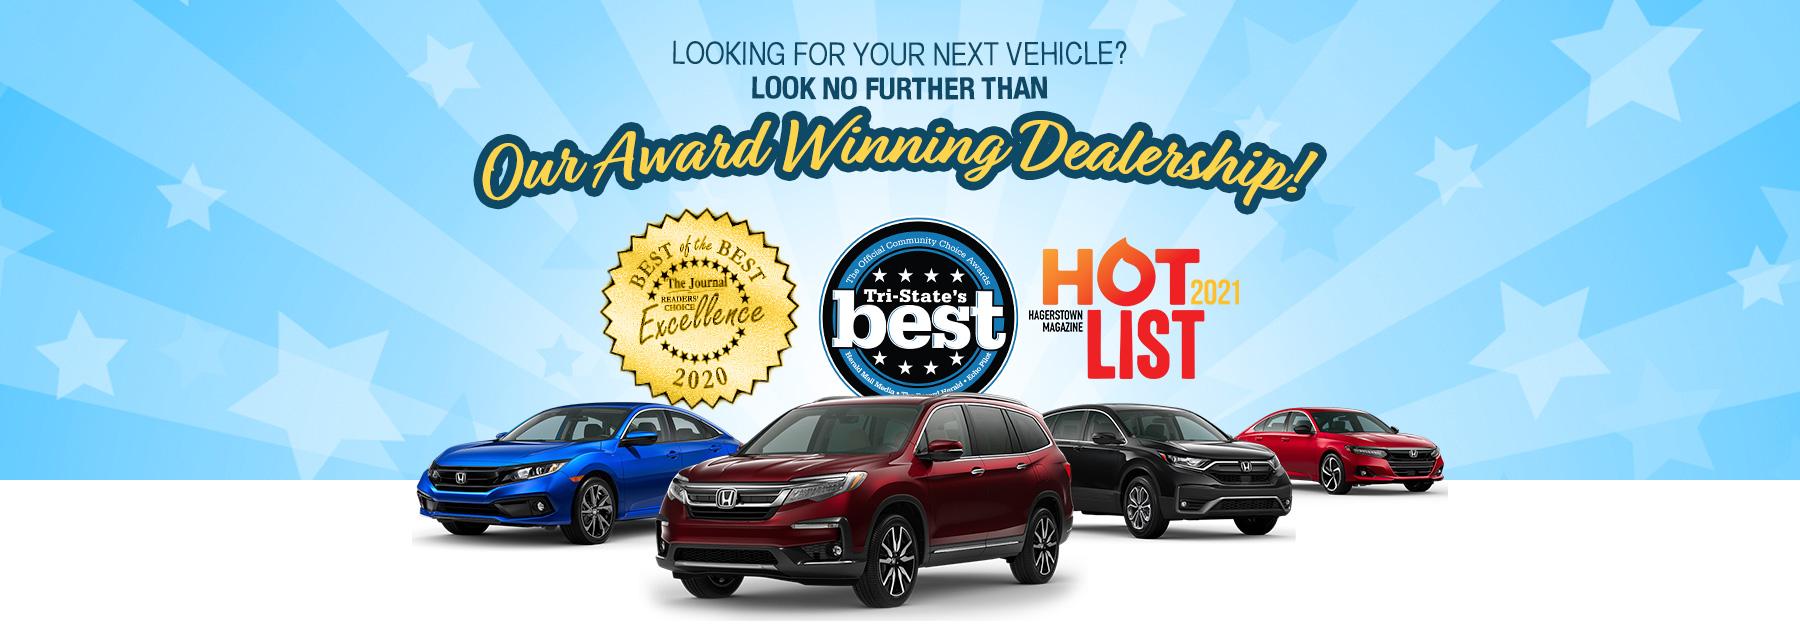 Hagerstown Honda voted No. 1 Best Auto Dealer